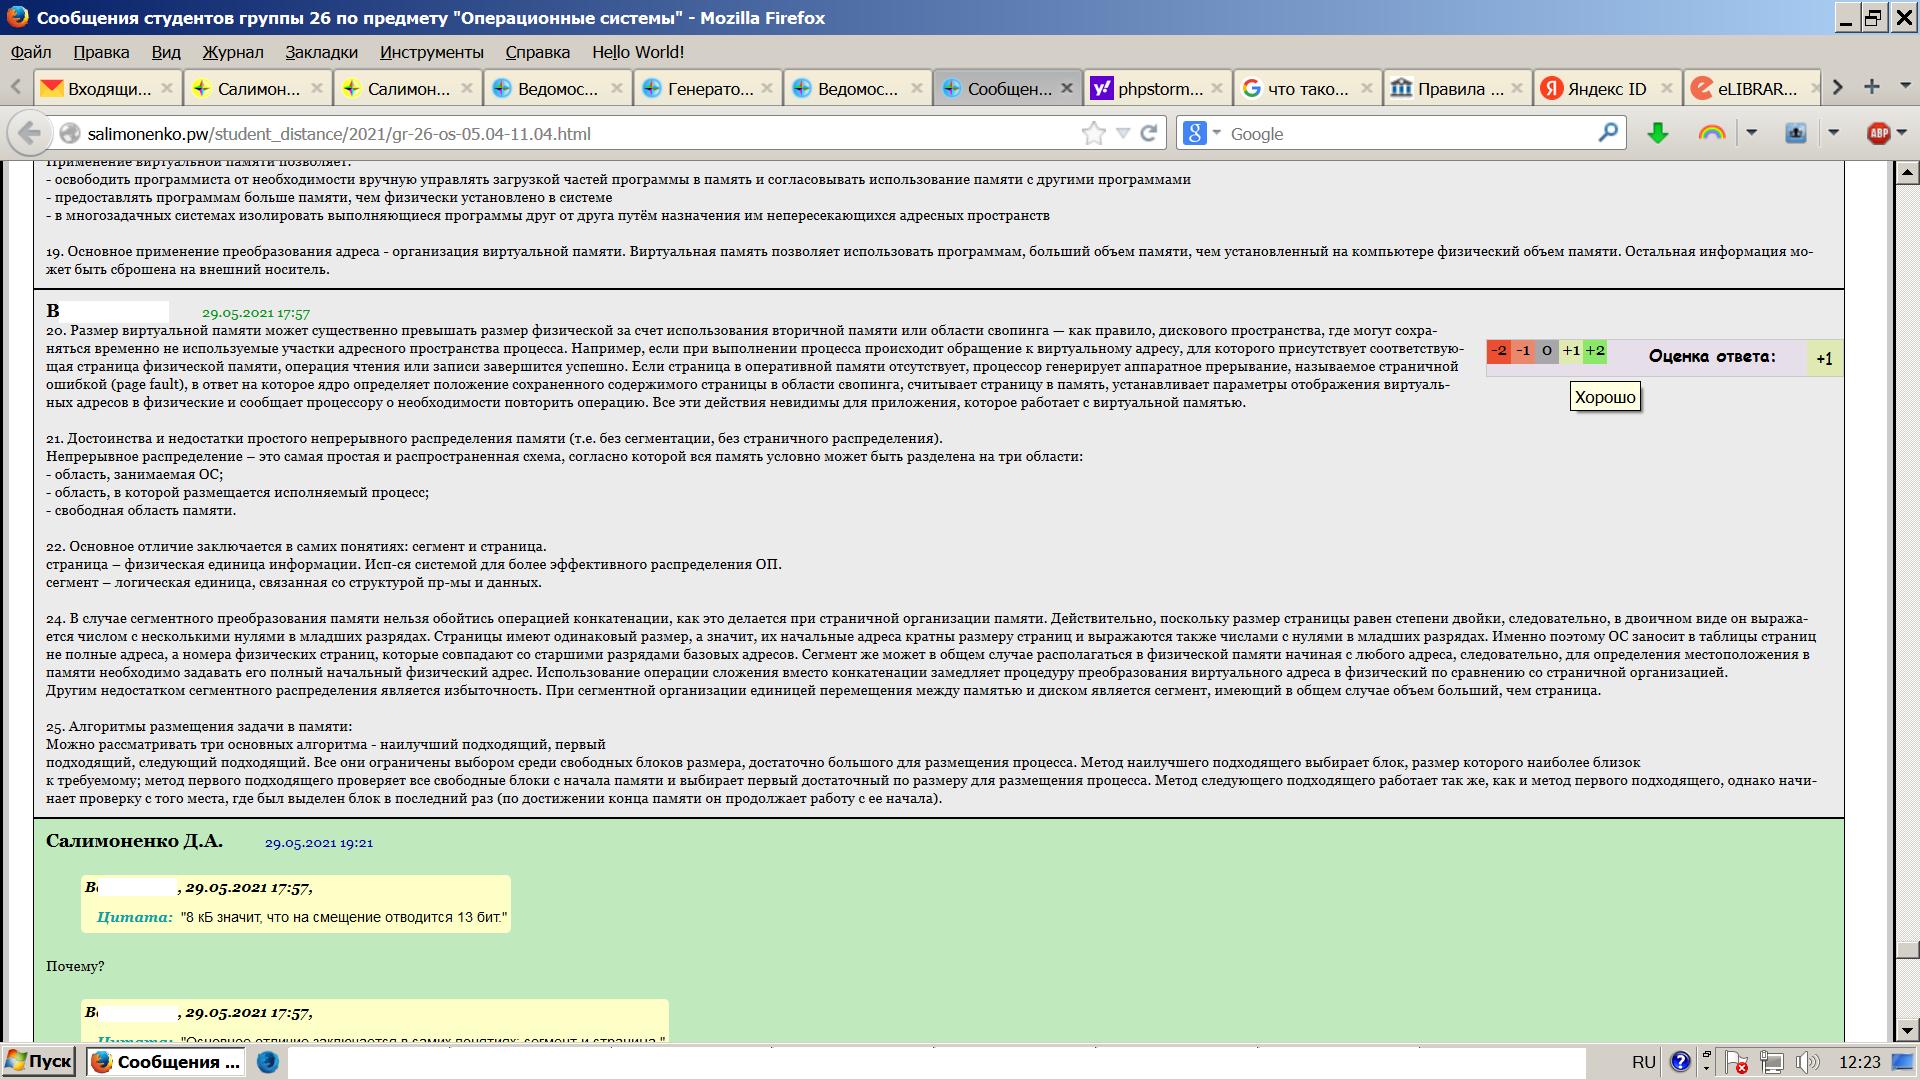 Приме ооценки сообщения на профессиональном сайте Салимоненко Д.А.